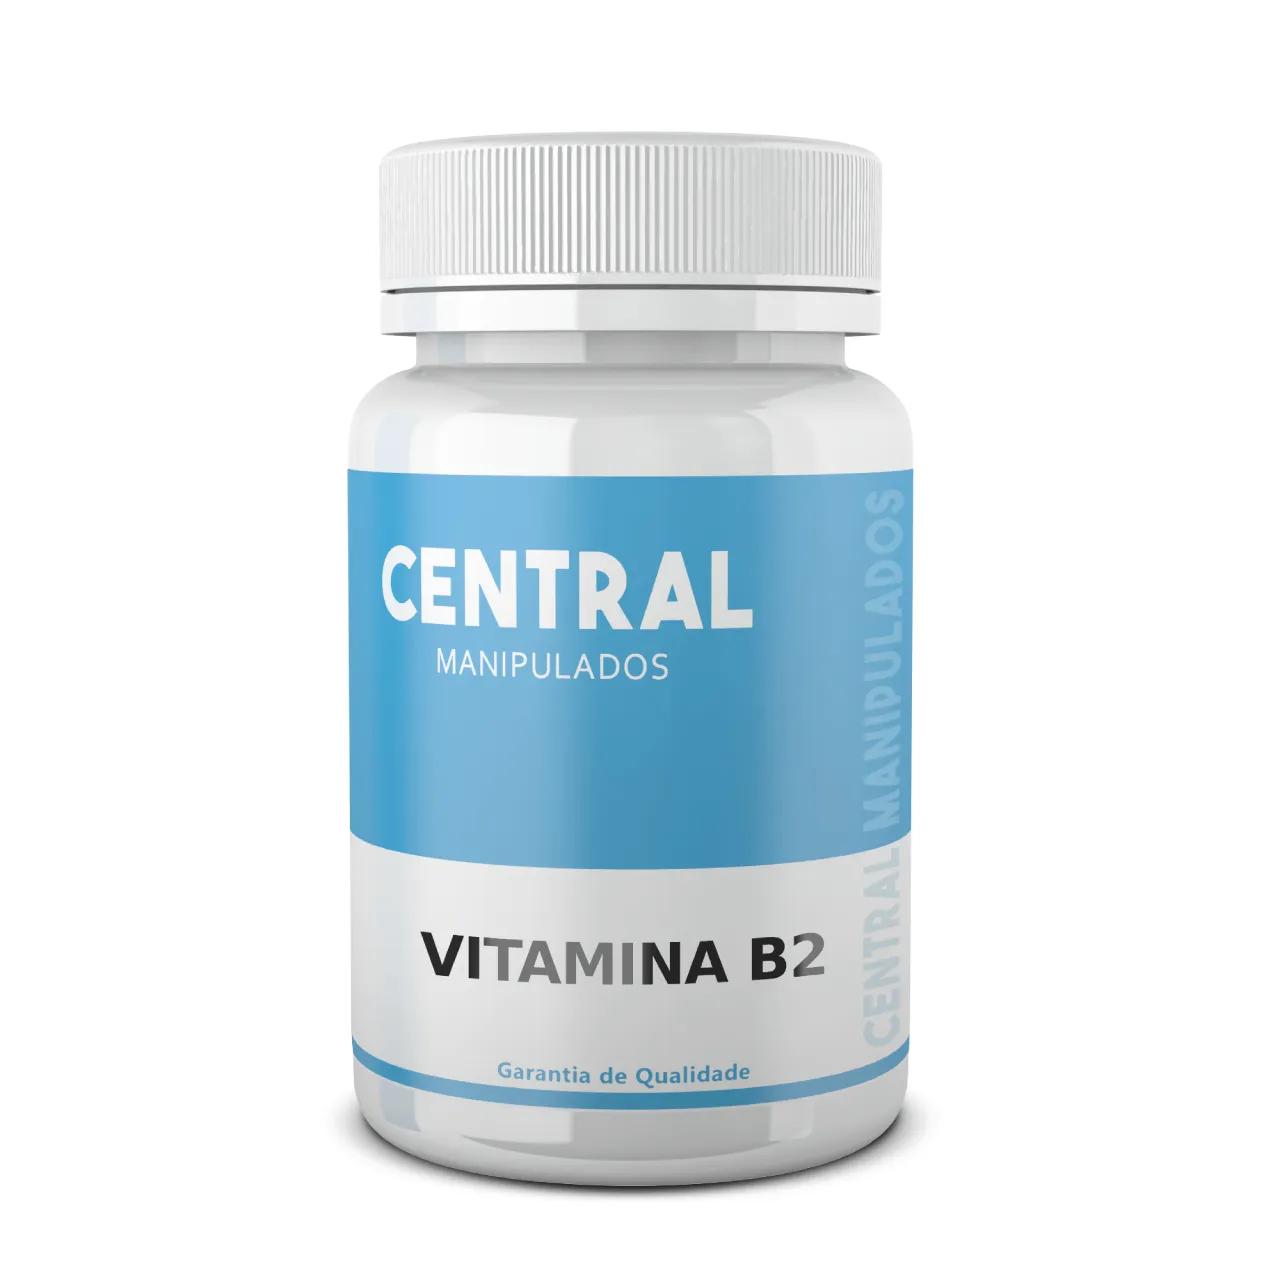 Vitamina B2 100mg - 60 cápsulas - Riboflavina